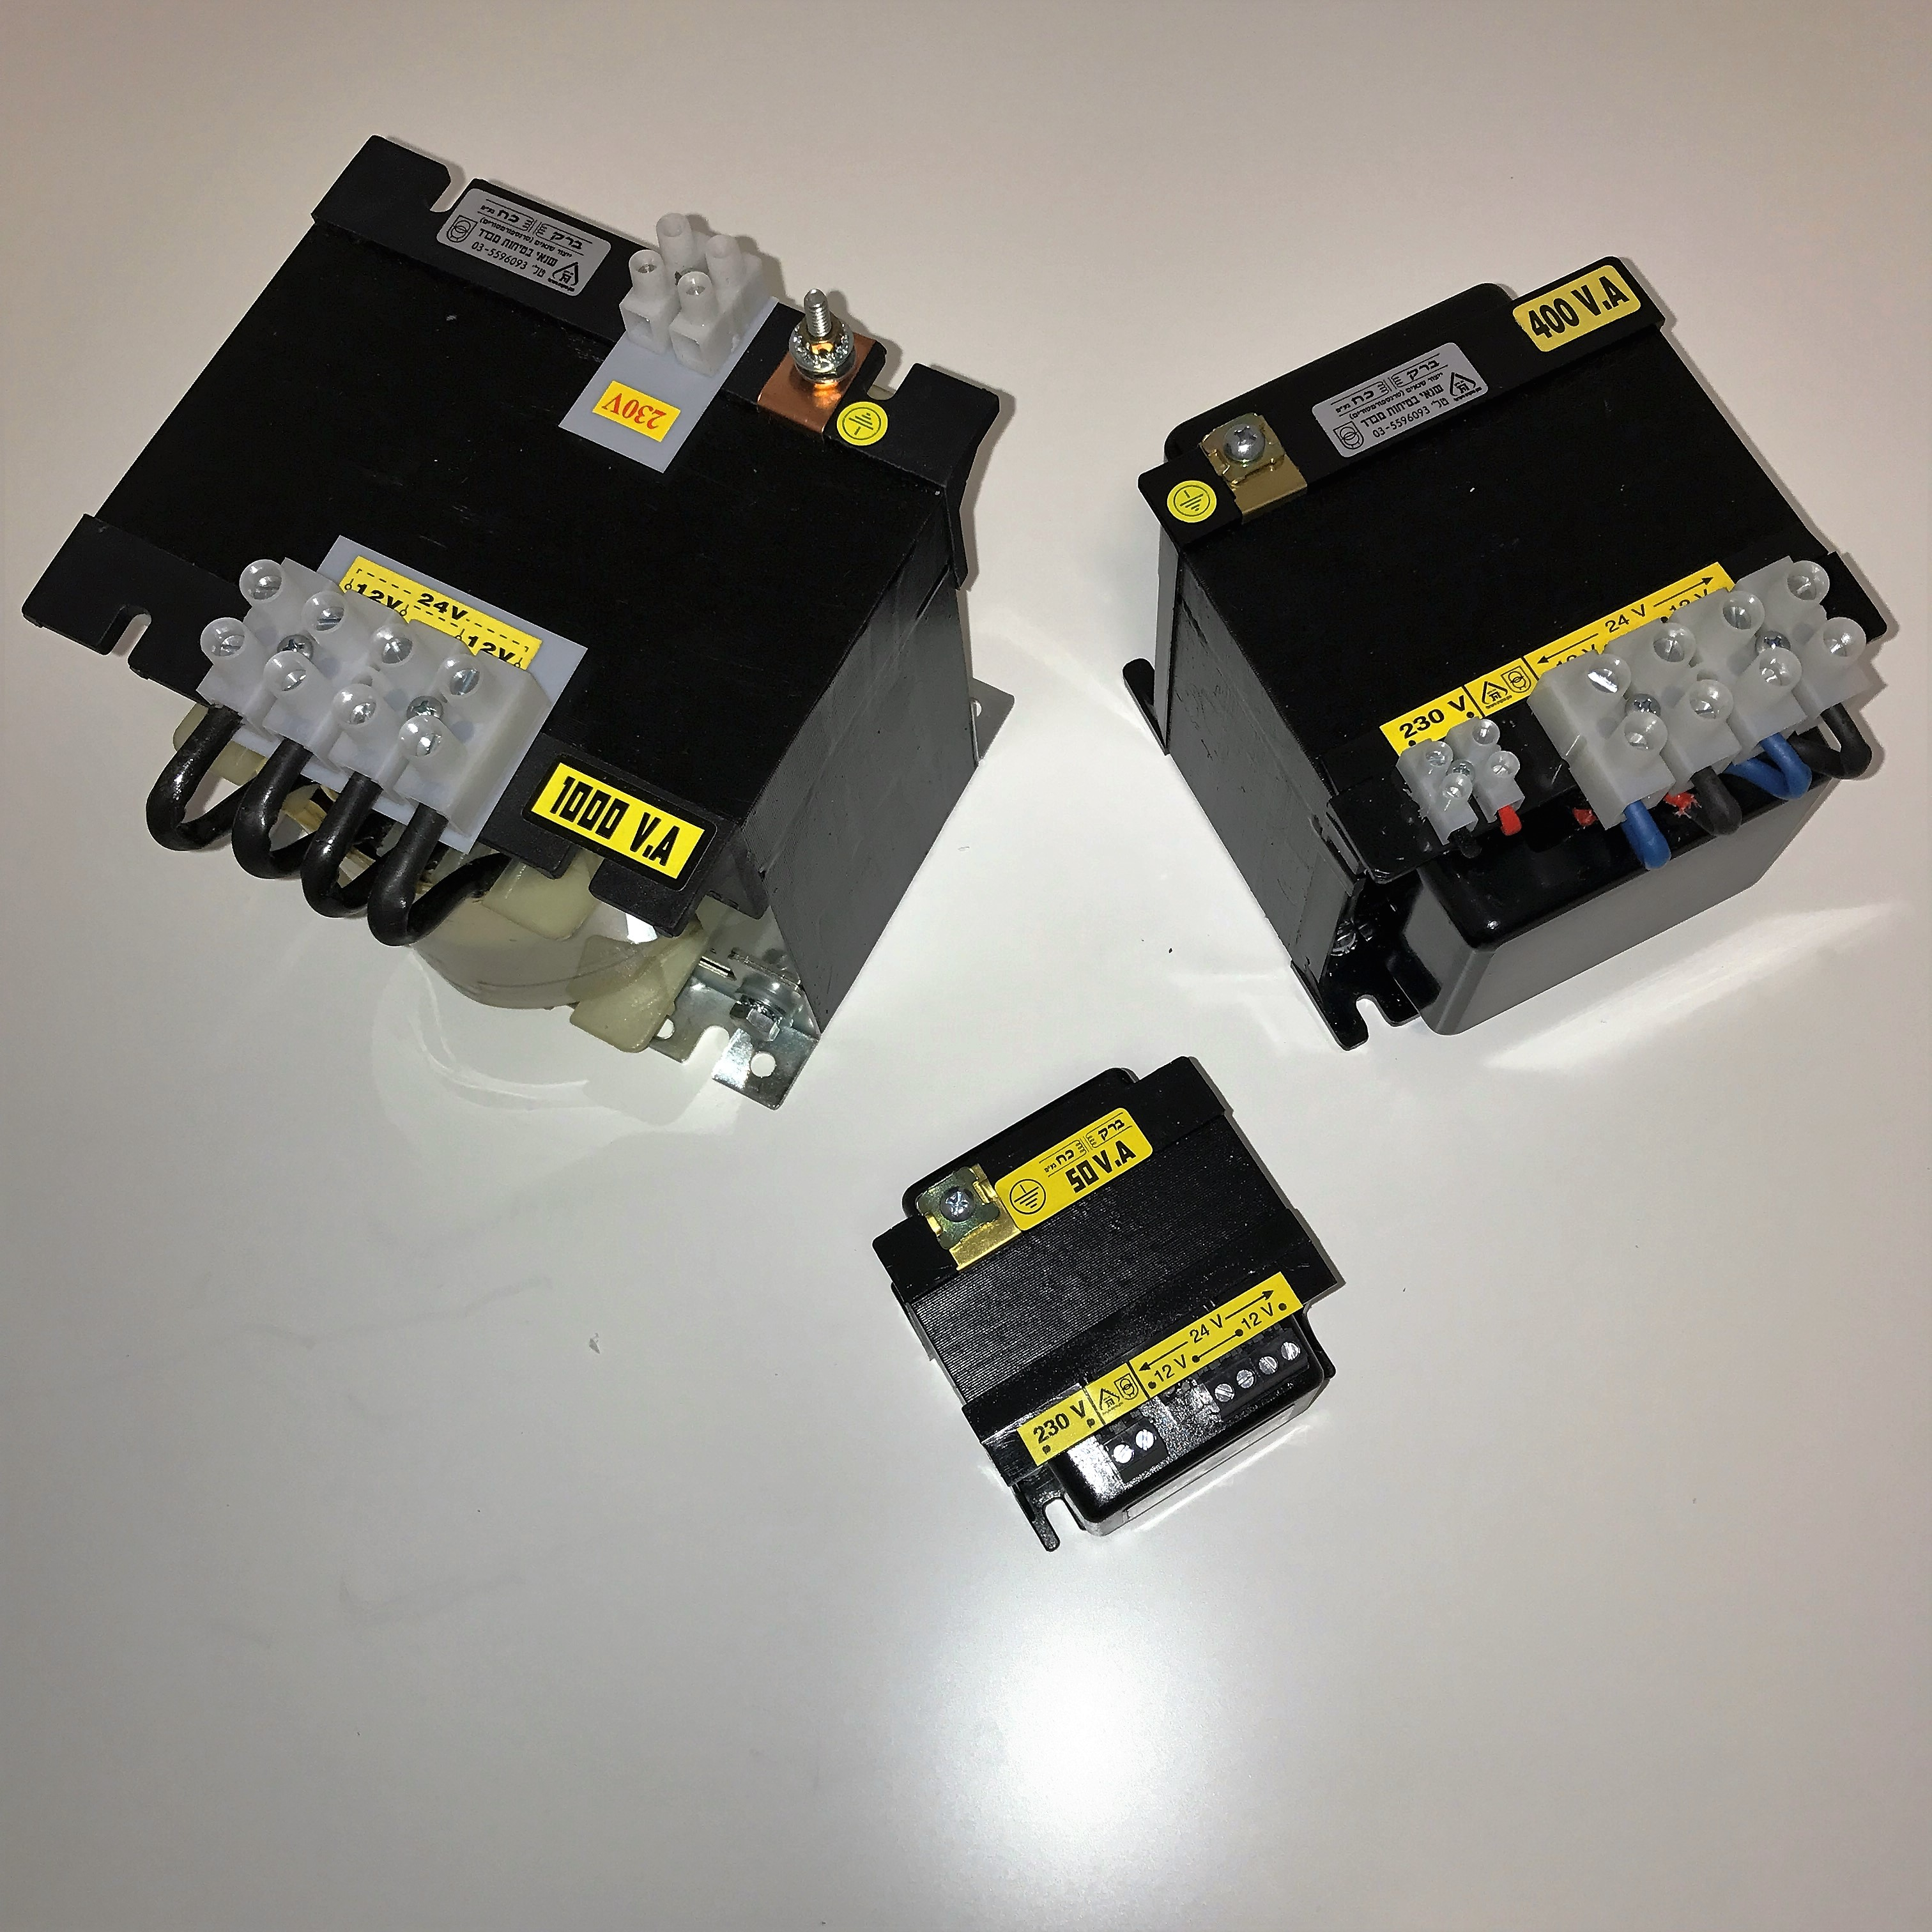 שנאי מבדל בהספק 8000VA במתחים 230V-12V+12V